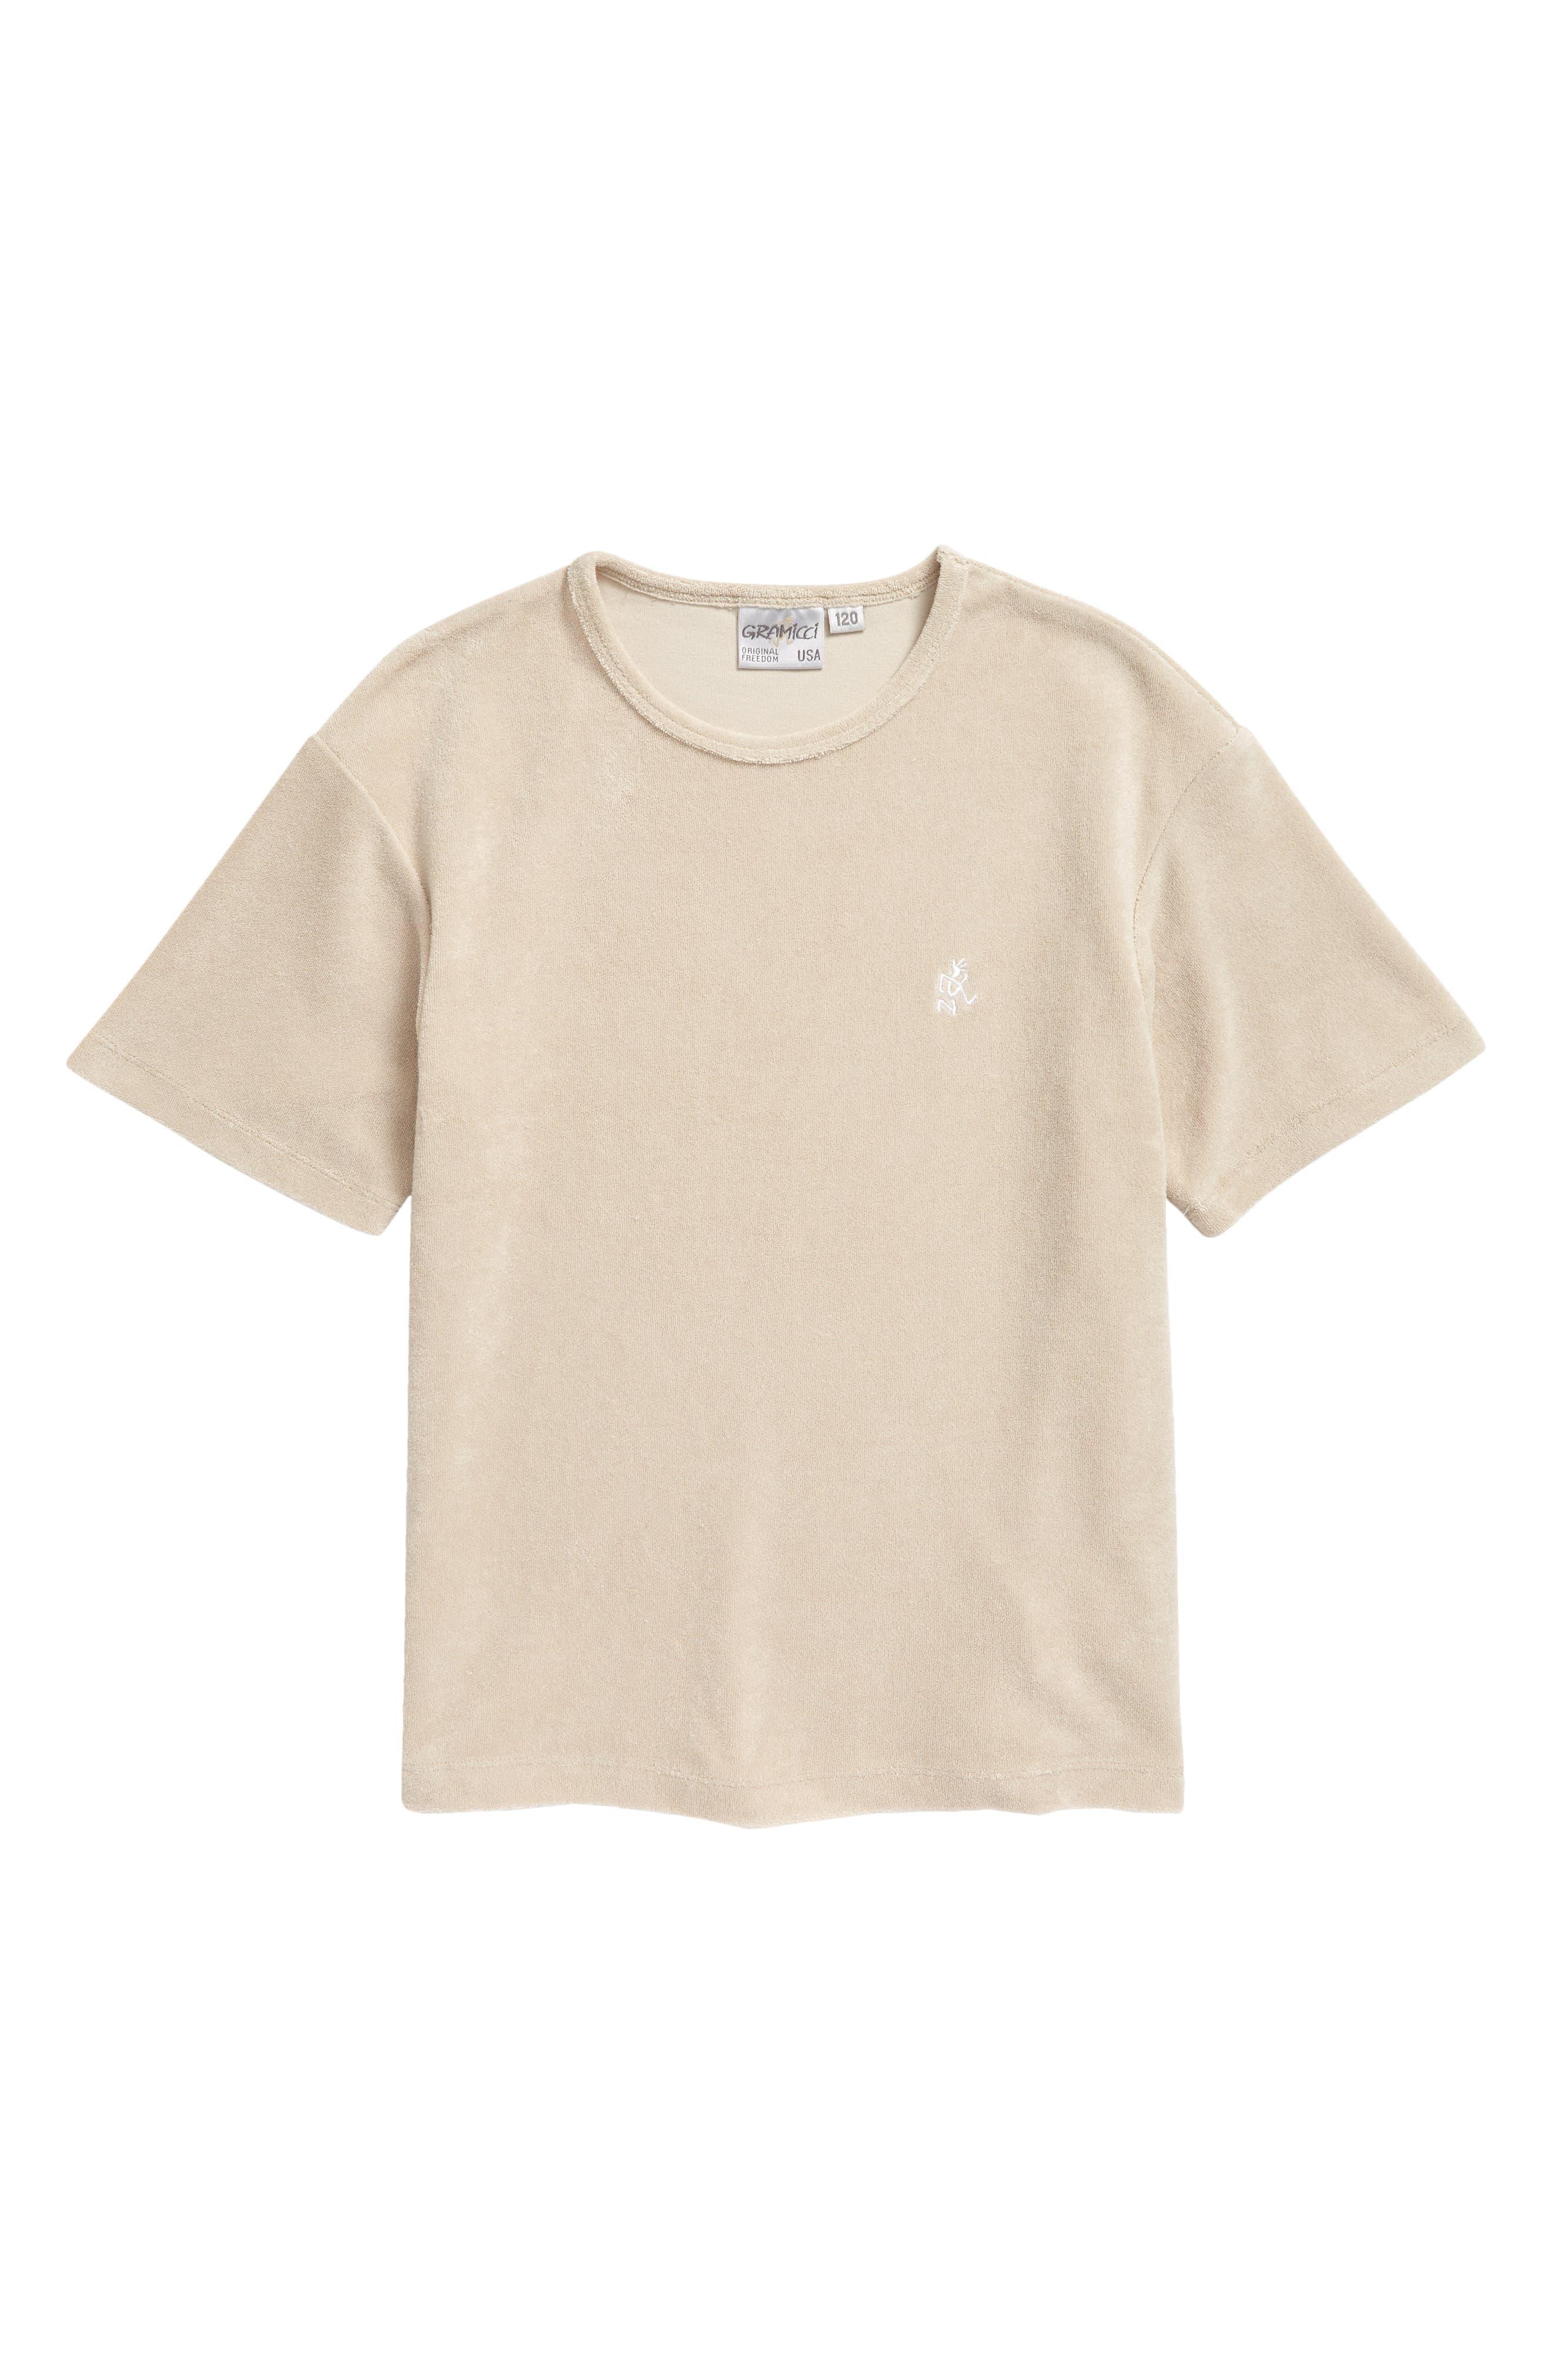 Kids' Terry Camp T-Shirt